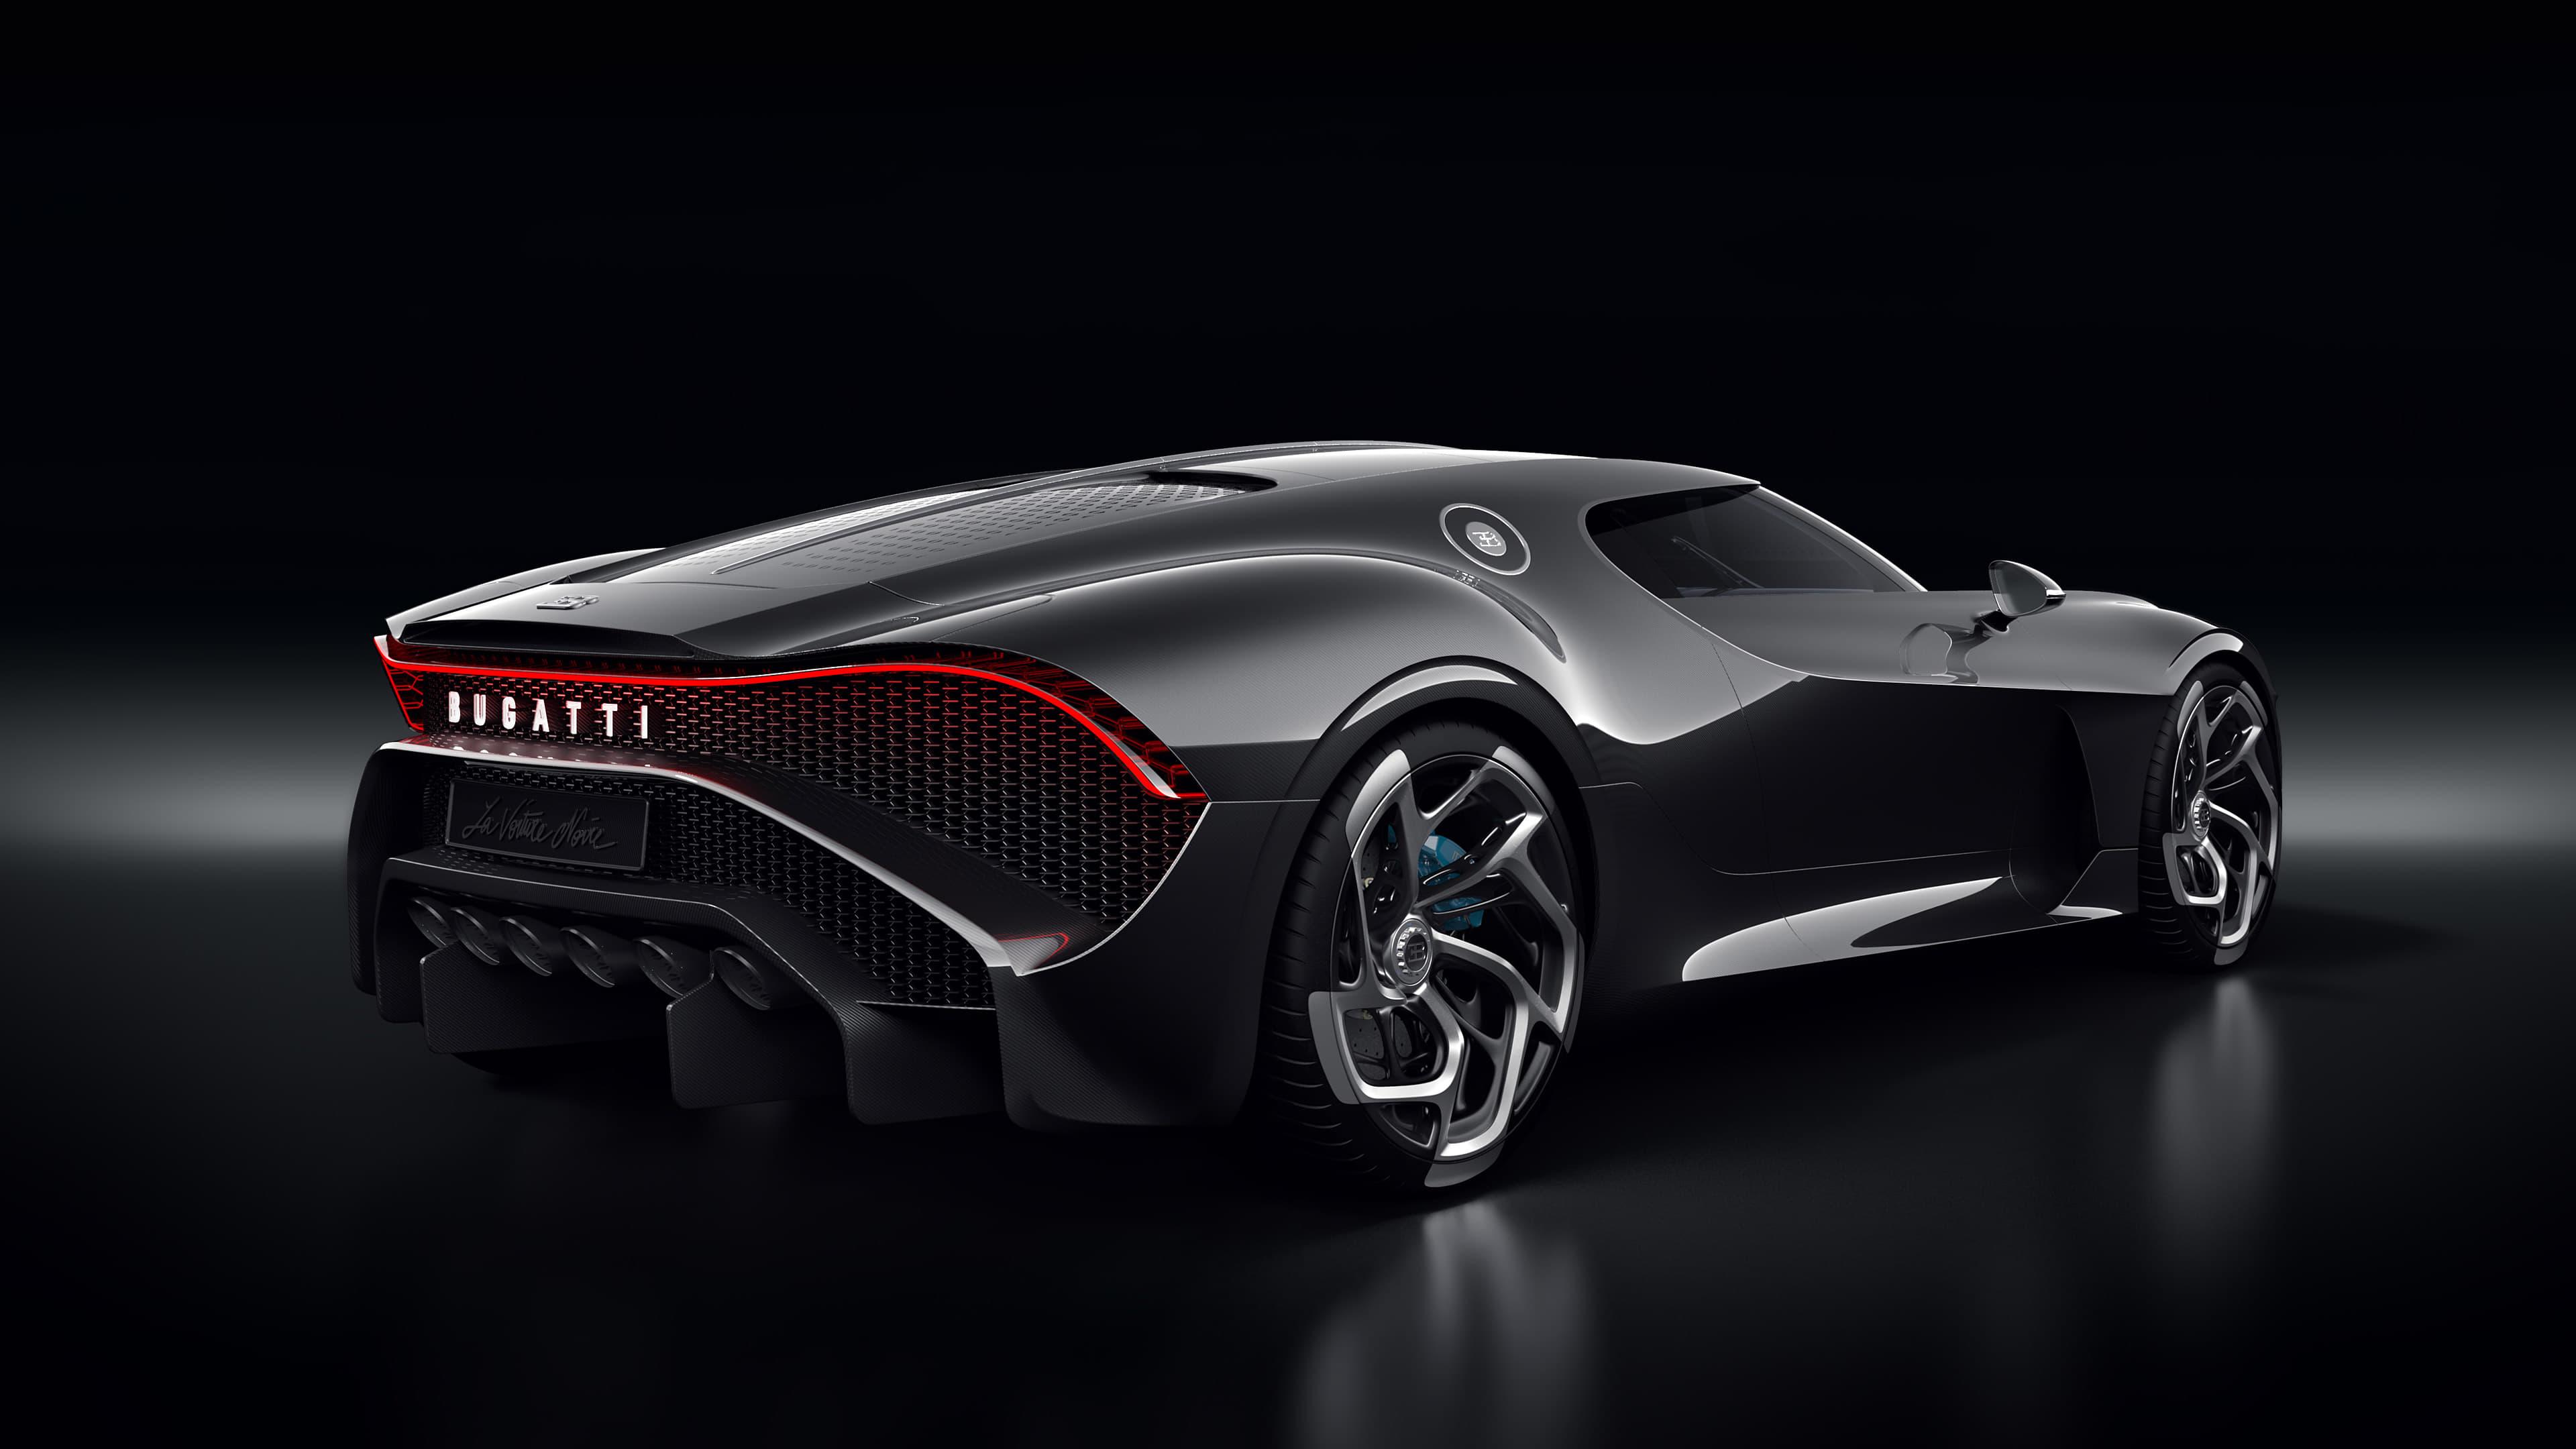 Bugatti La Voiture Noire 4k Ultra Fondo De Pantalla Hd